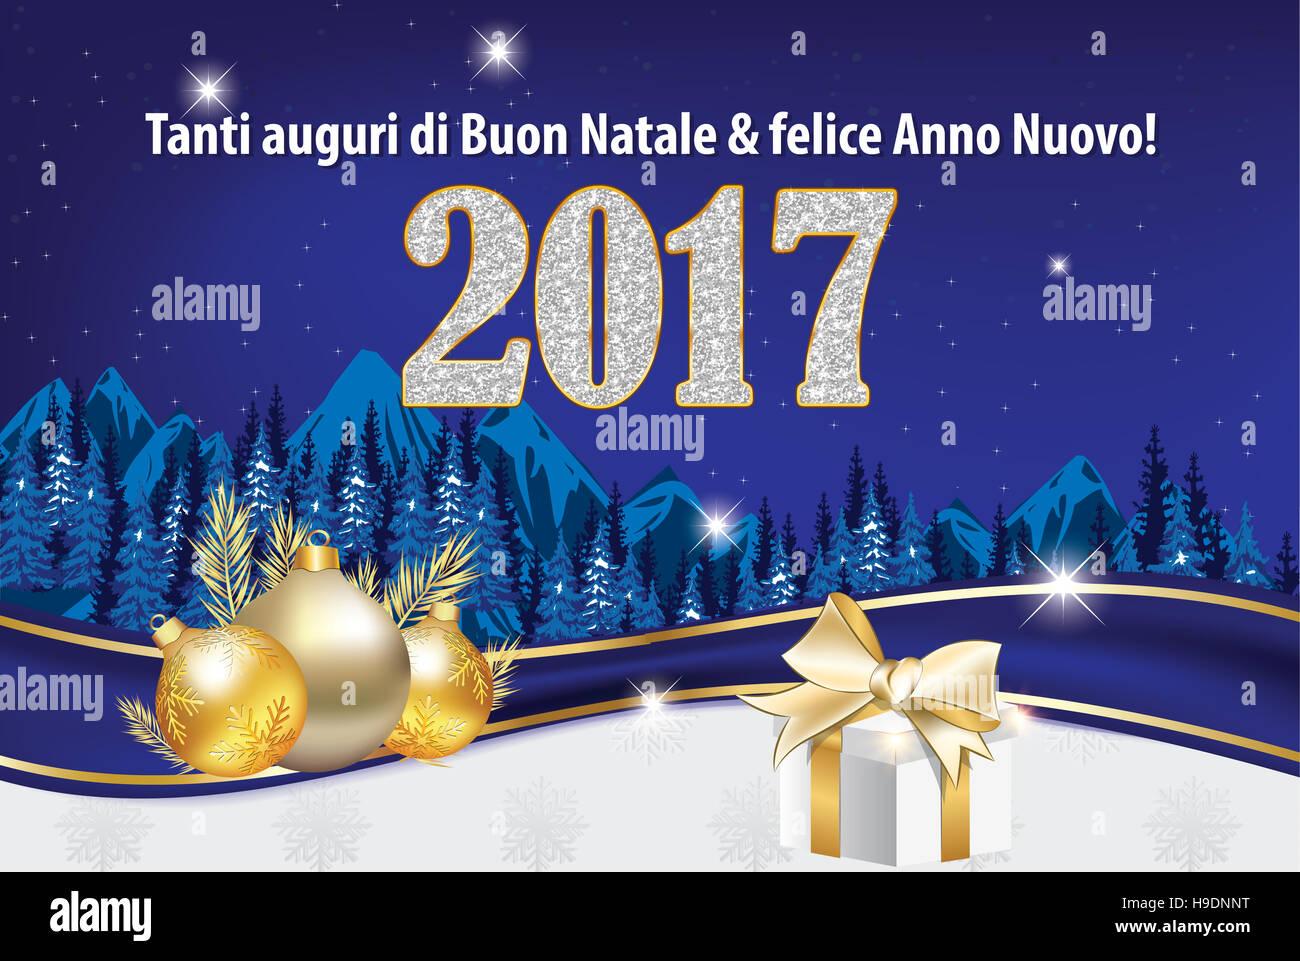 Molto Tanti auguri di Buon Natale & felice Anno Nuovo! - Biglietto Stock  ZJ56